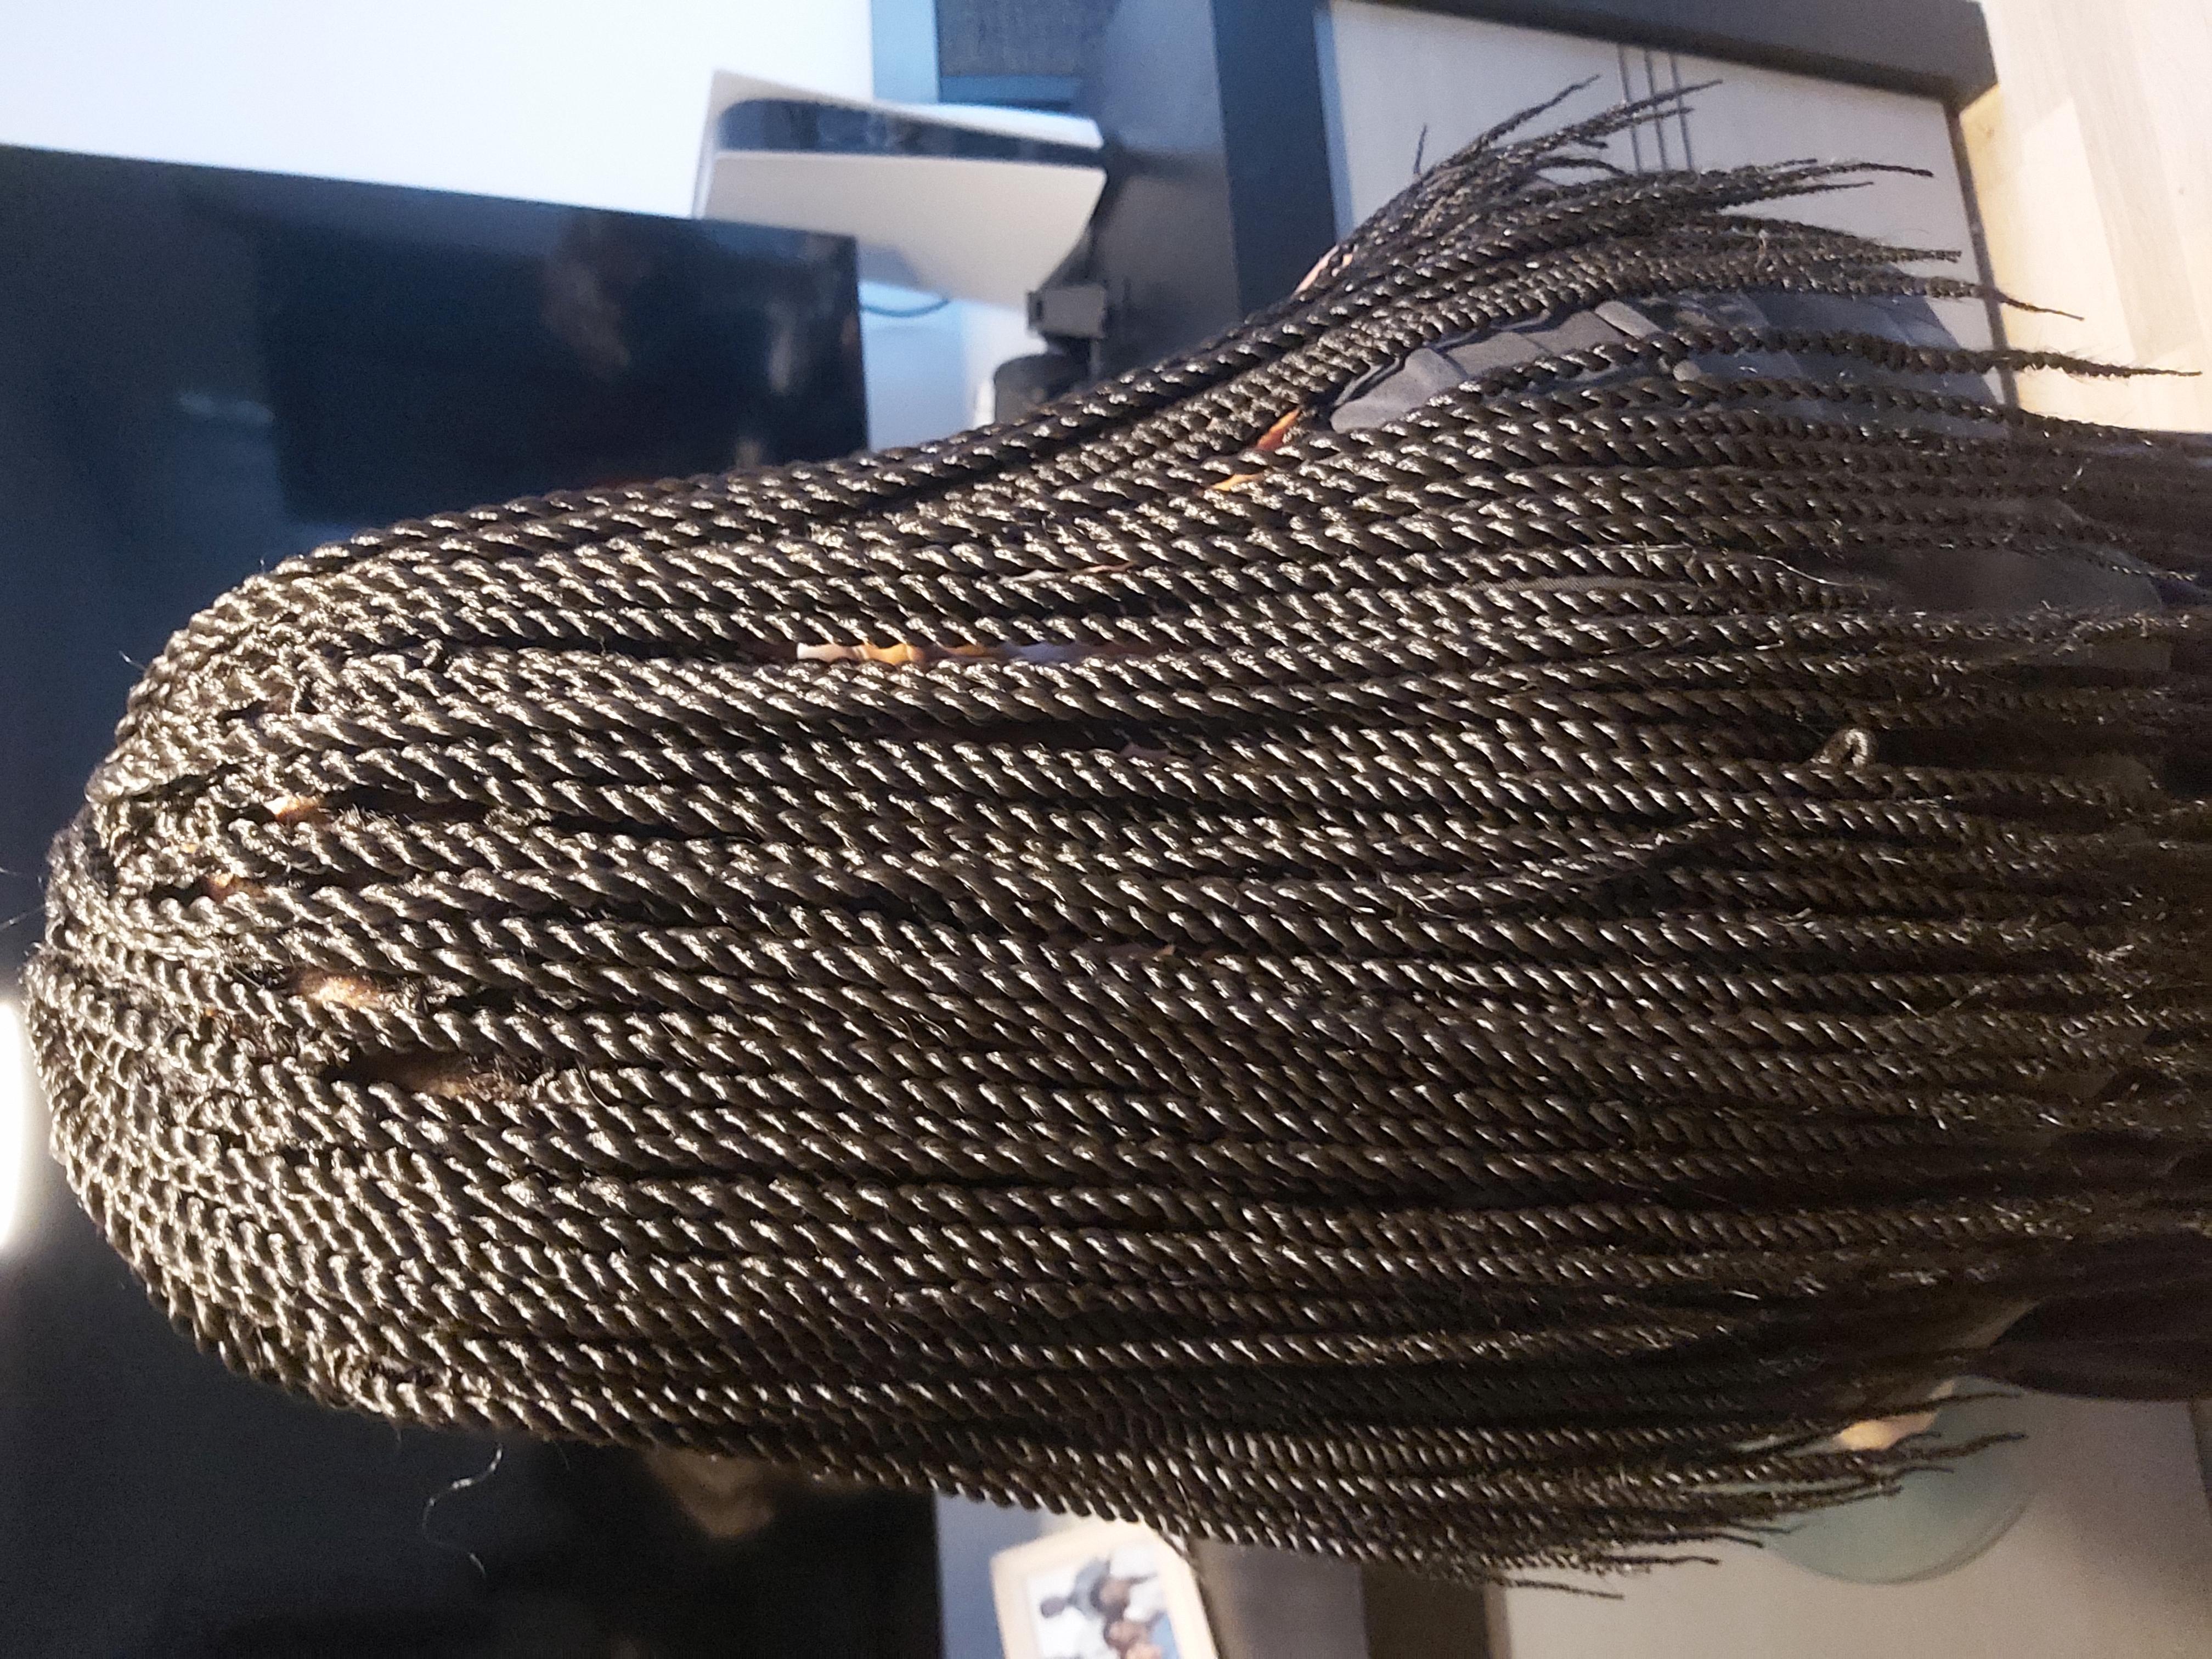 salon de coiffure afro tresse tresses box braids crochet braids vanilles tissages paris 75 77 78 91 92 93 94 95 EZNOFFMU